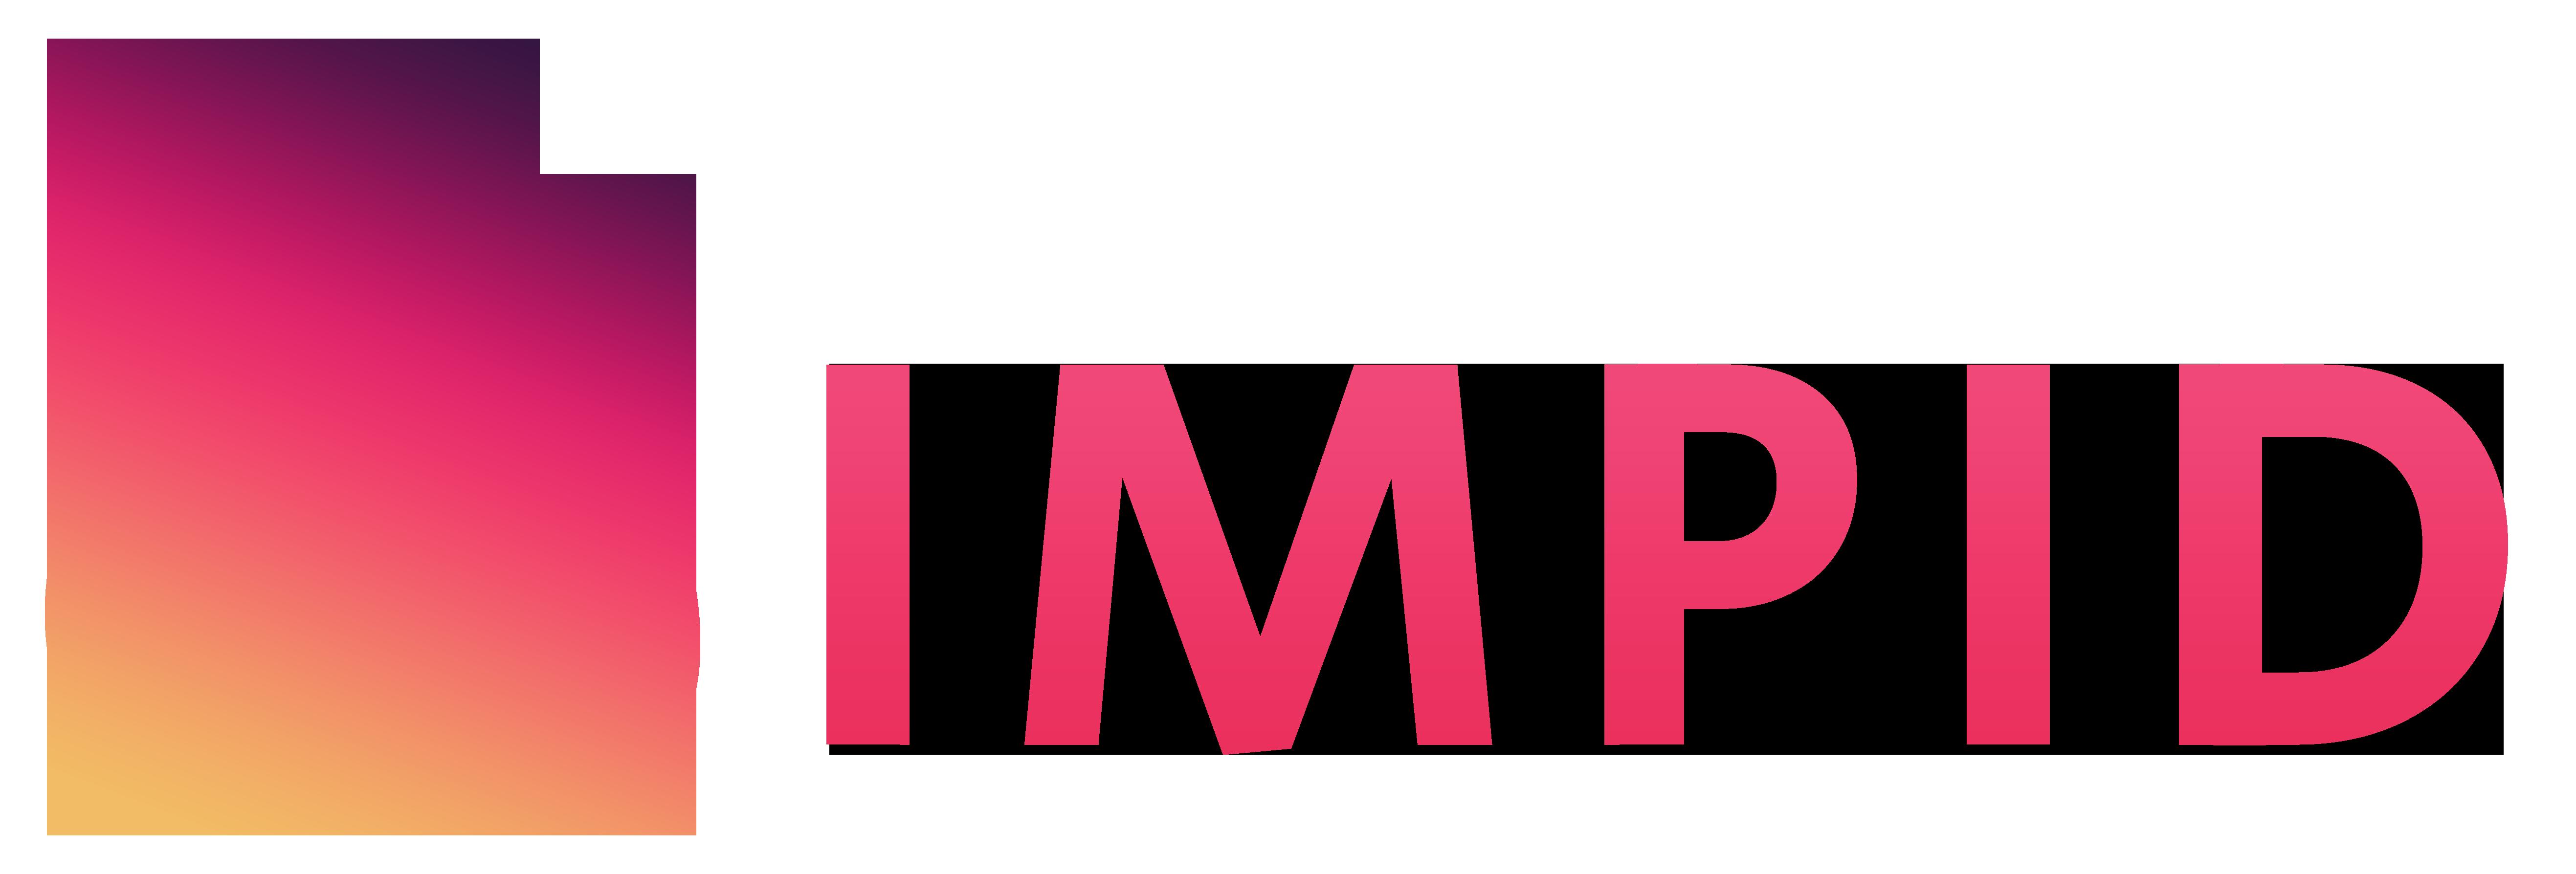 LogoPinkRow